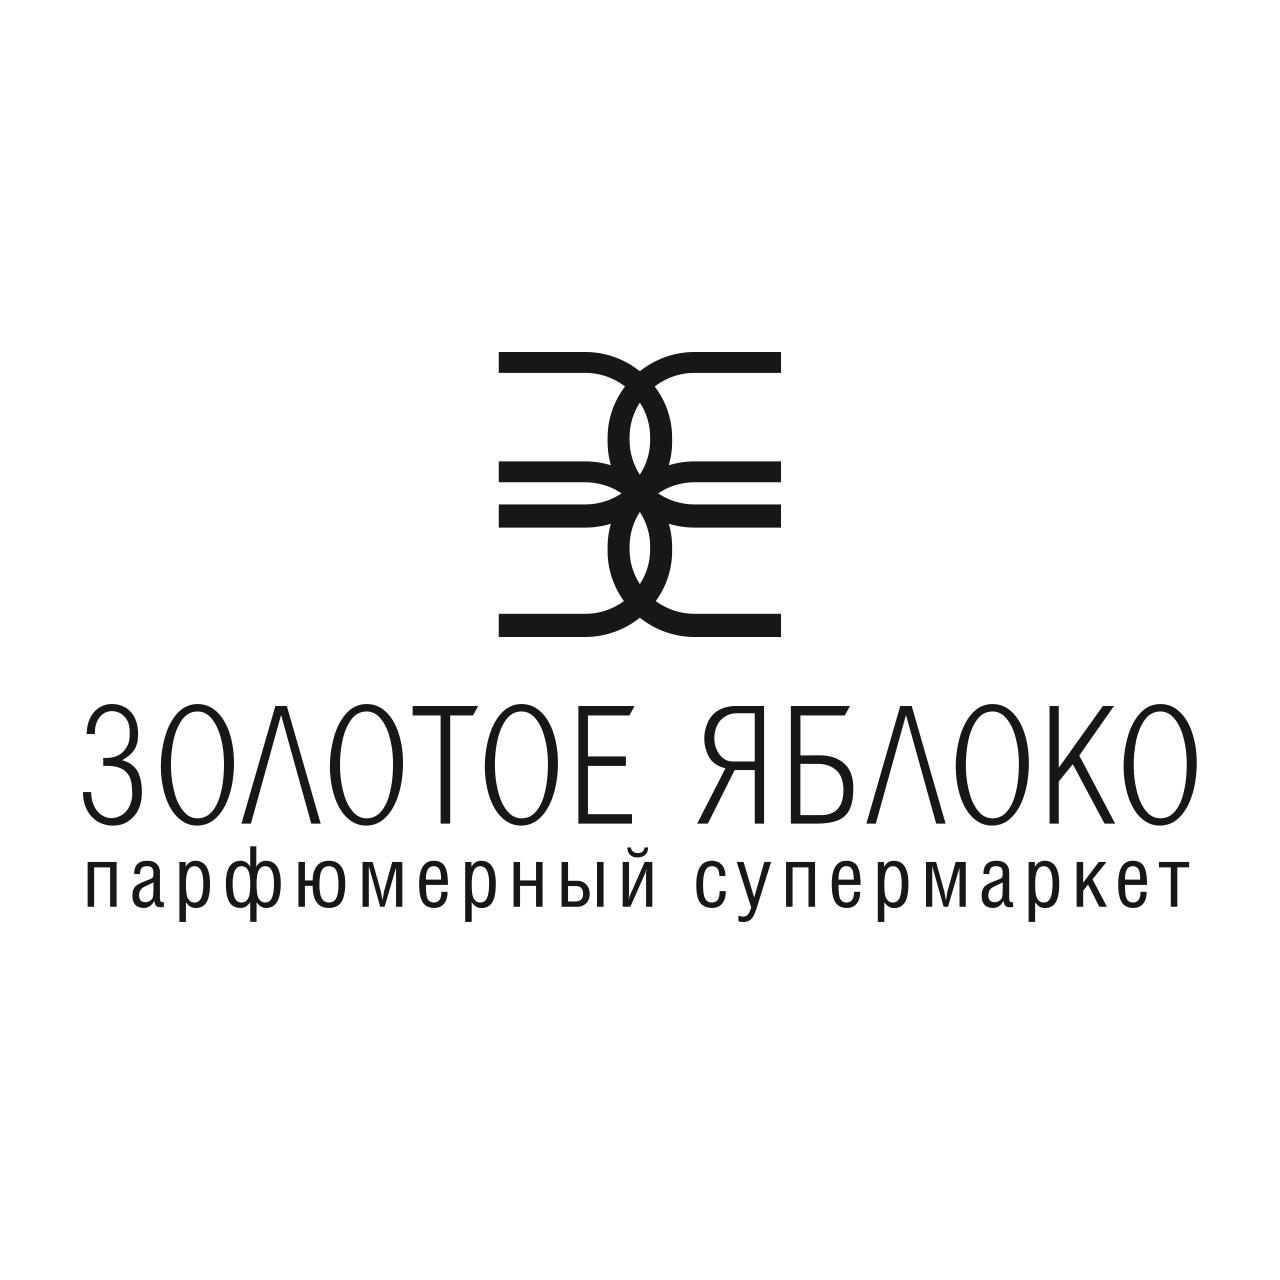 """Парфюмерный супермаркет """"Золотое Яблоко"""""""